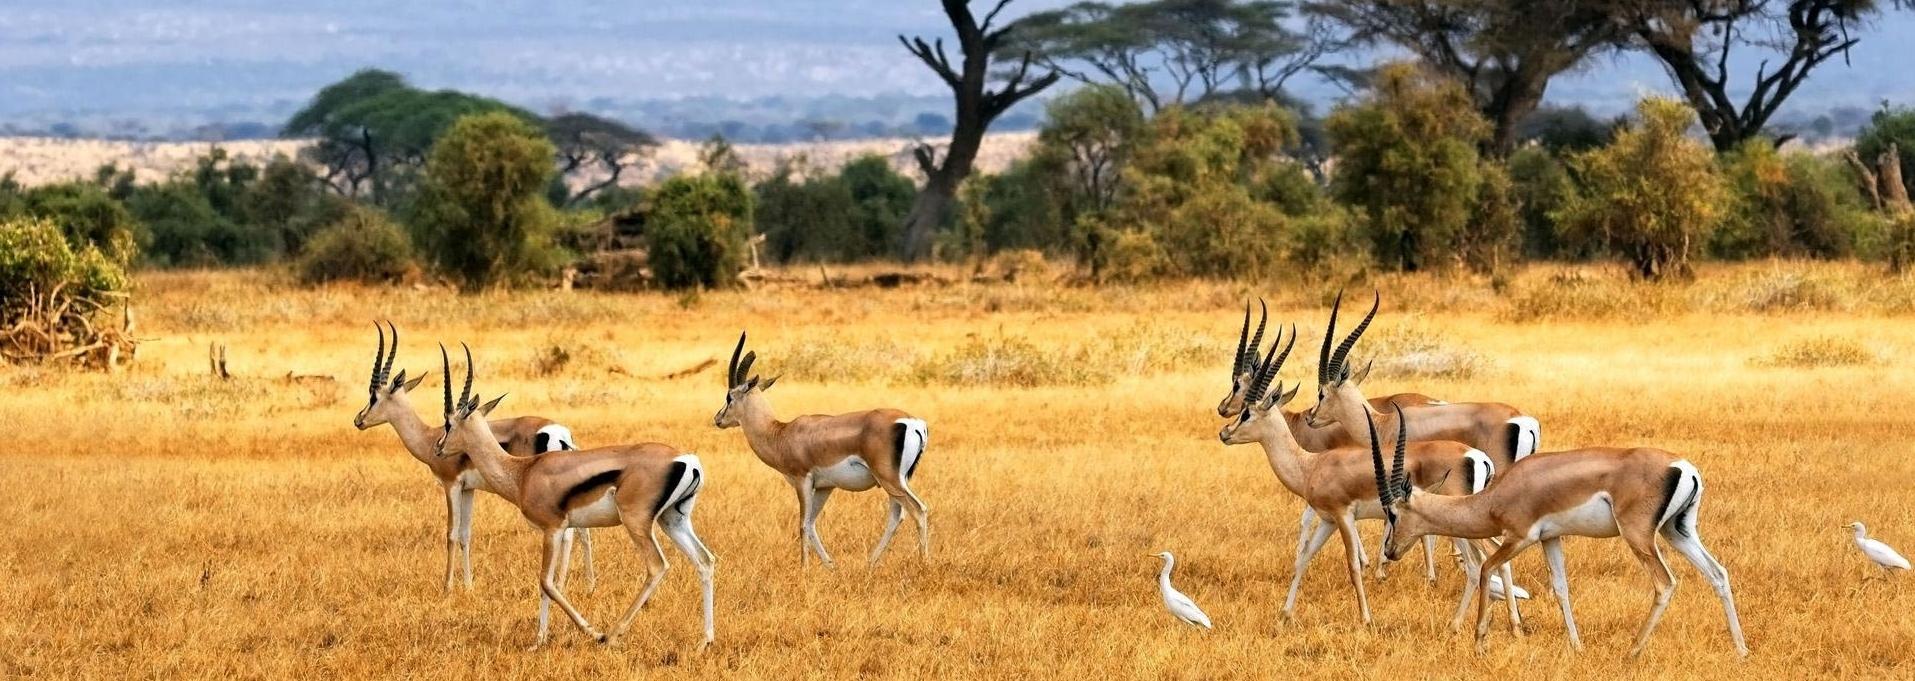 caccia in Africa Montefeltro viaggi di caccia sudafrica